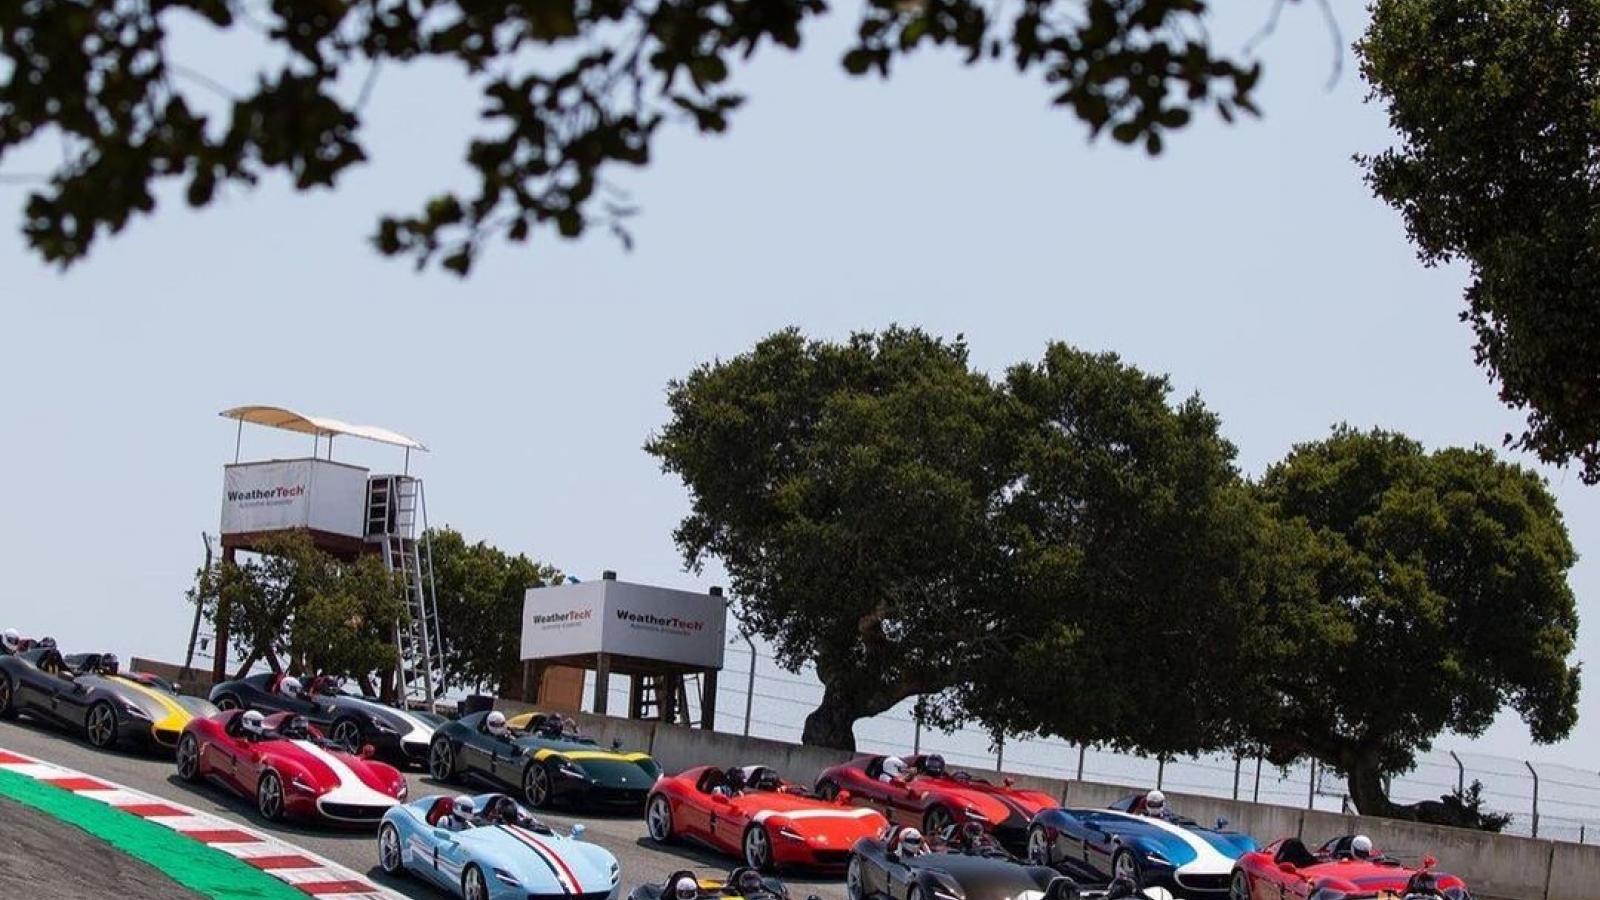 Hình ảnh hơn 30 chiếc Ferrari Monza tụ họp tại sự kiện siêu xe lớn nhất thế giới